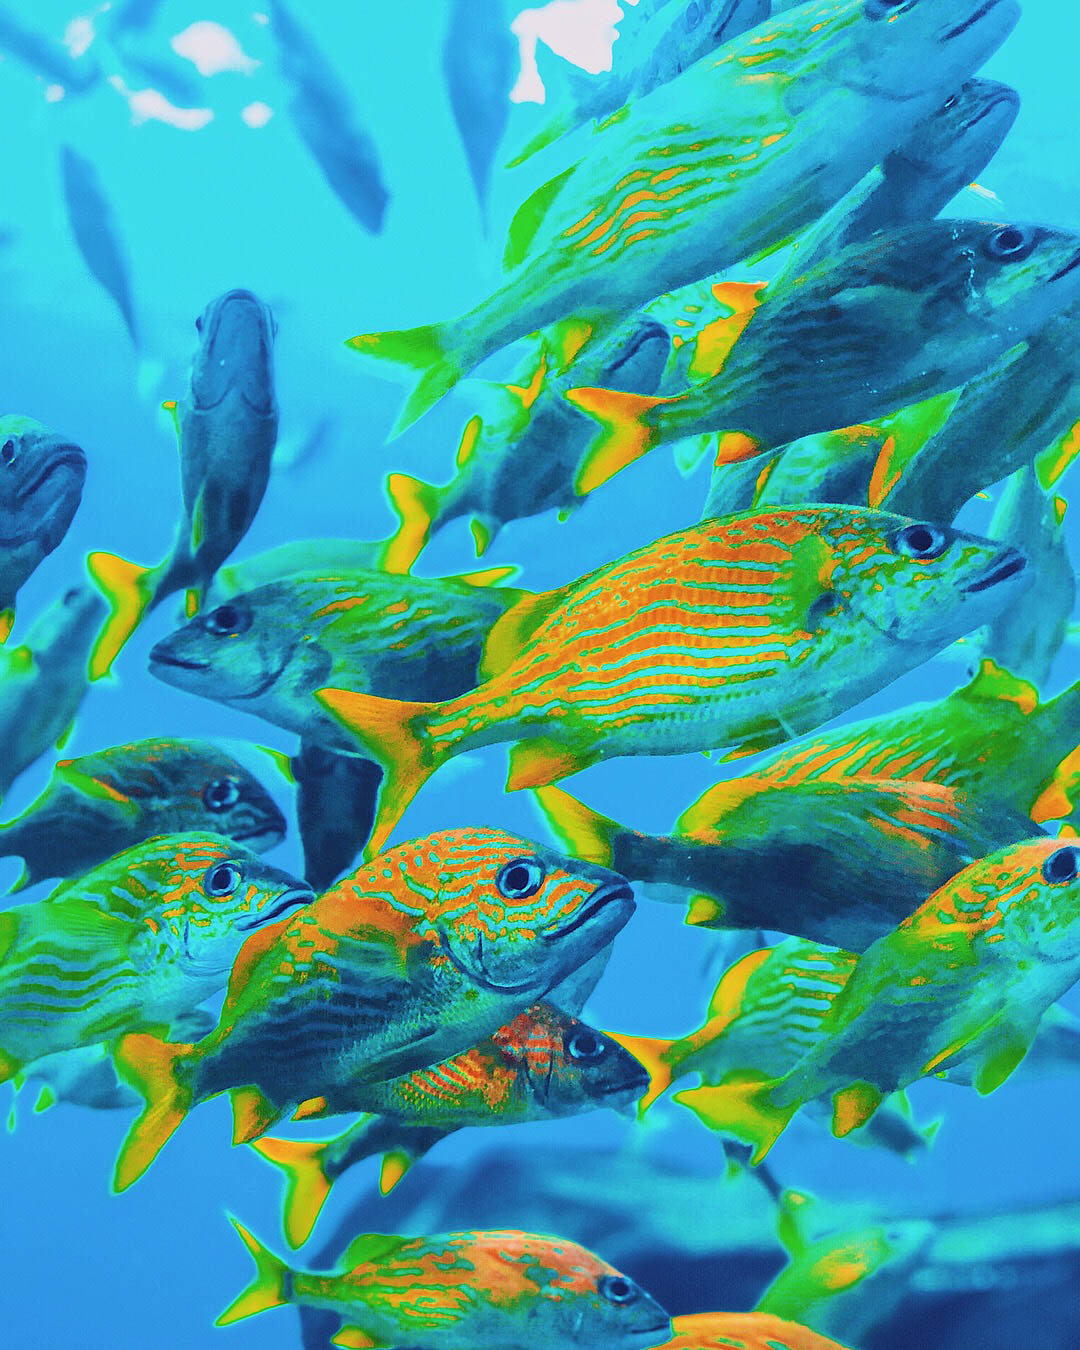 Georgia Aquarium | Things to Do in Atlanta | Jordan Hefler